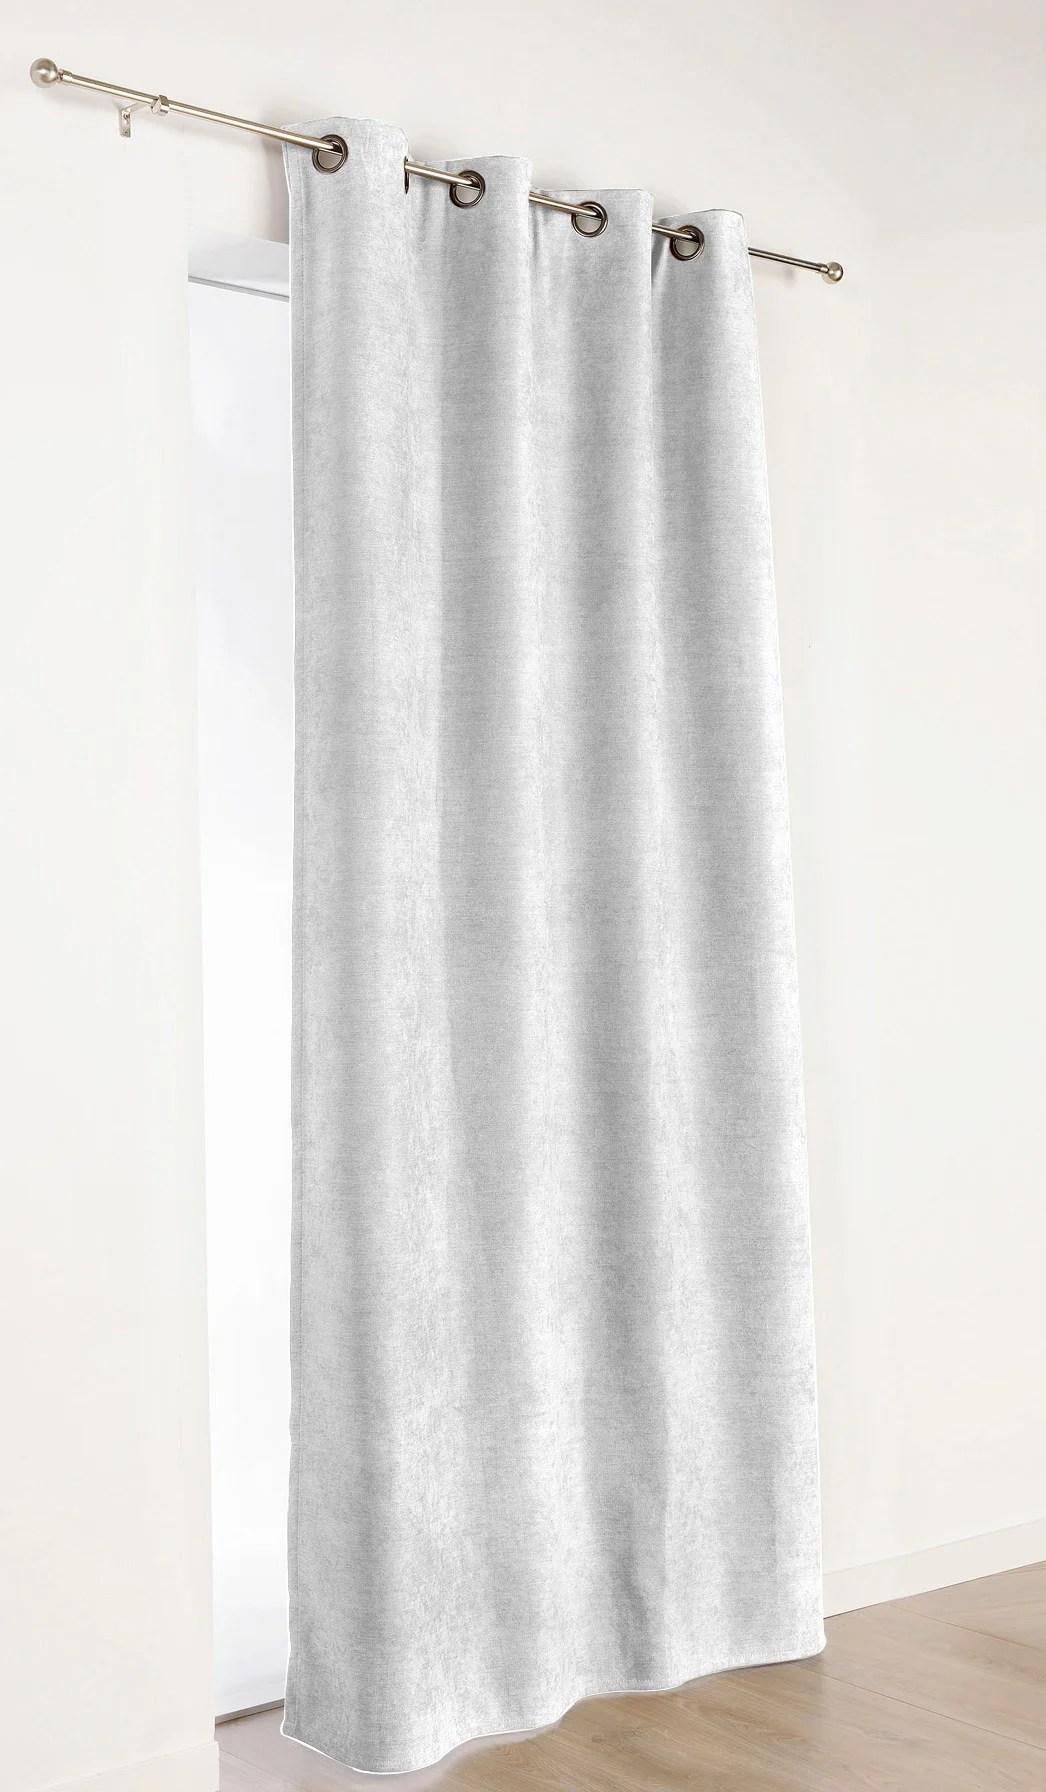 rideau occultant thermique alaska sable l 140 x h 260 cm